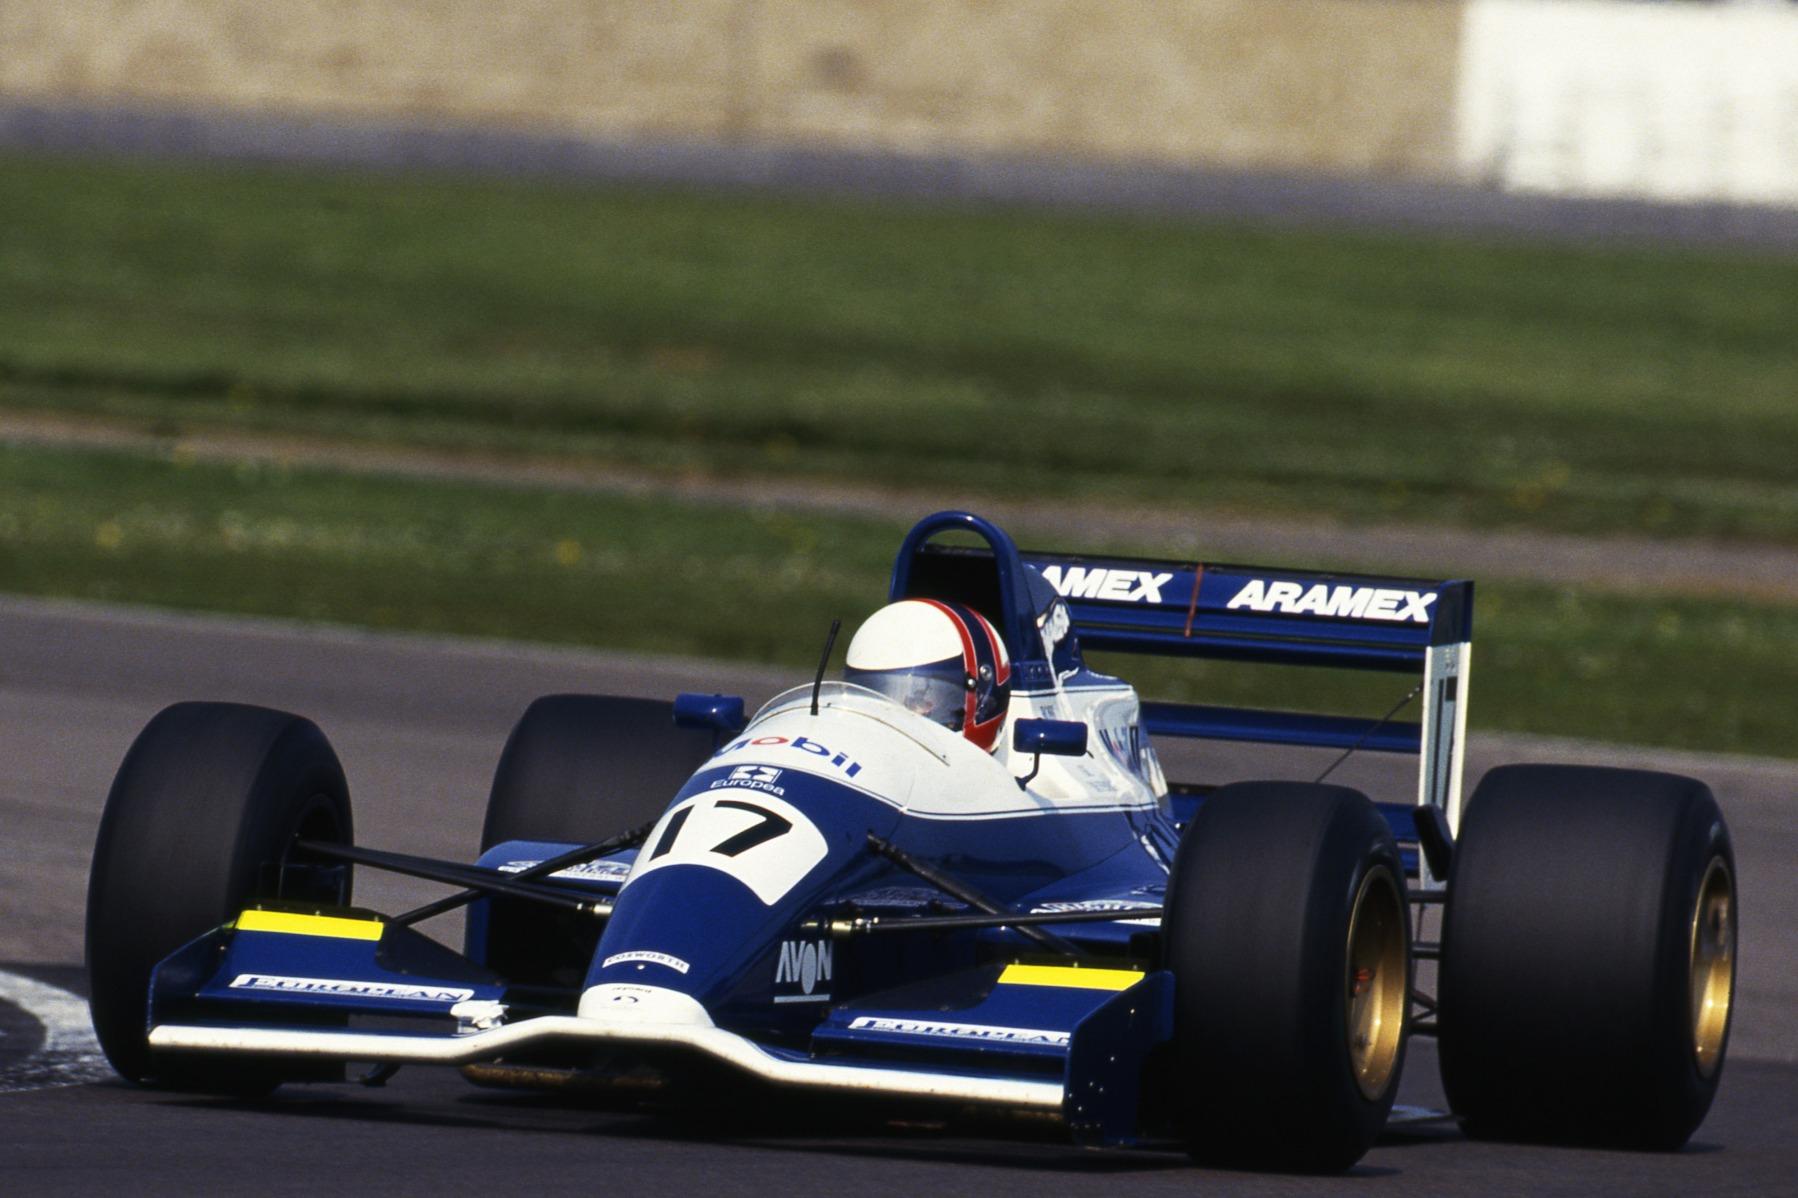 Gil de Ferran, F3000 Silverstone 1993